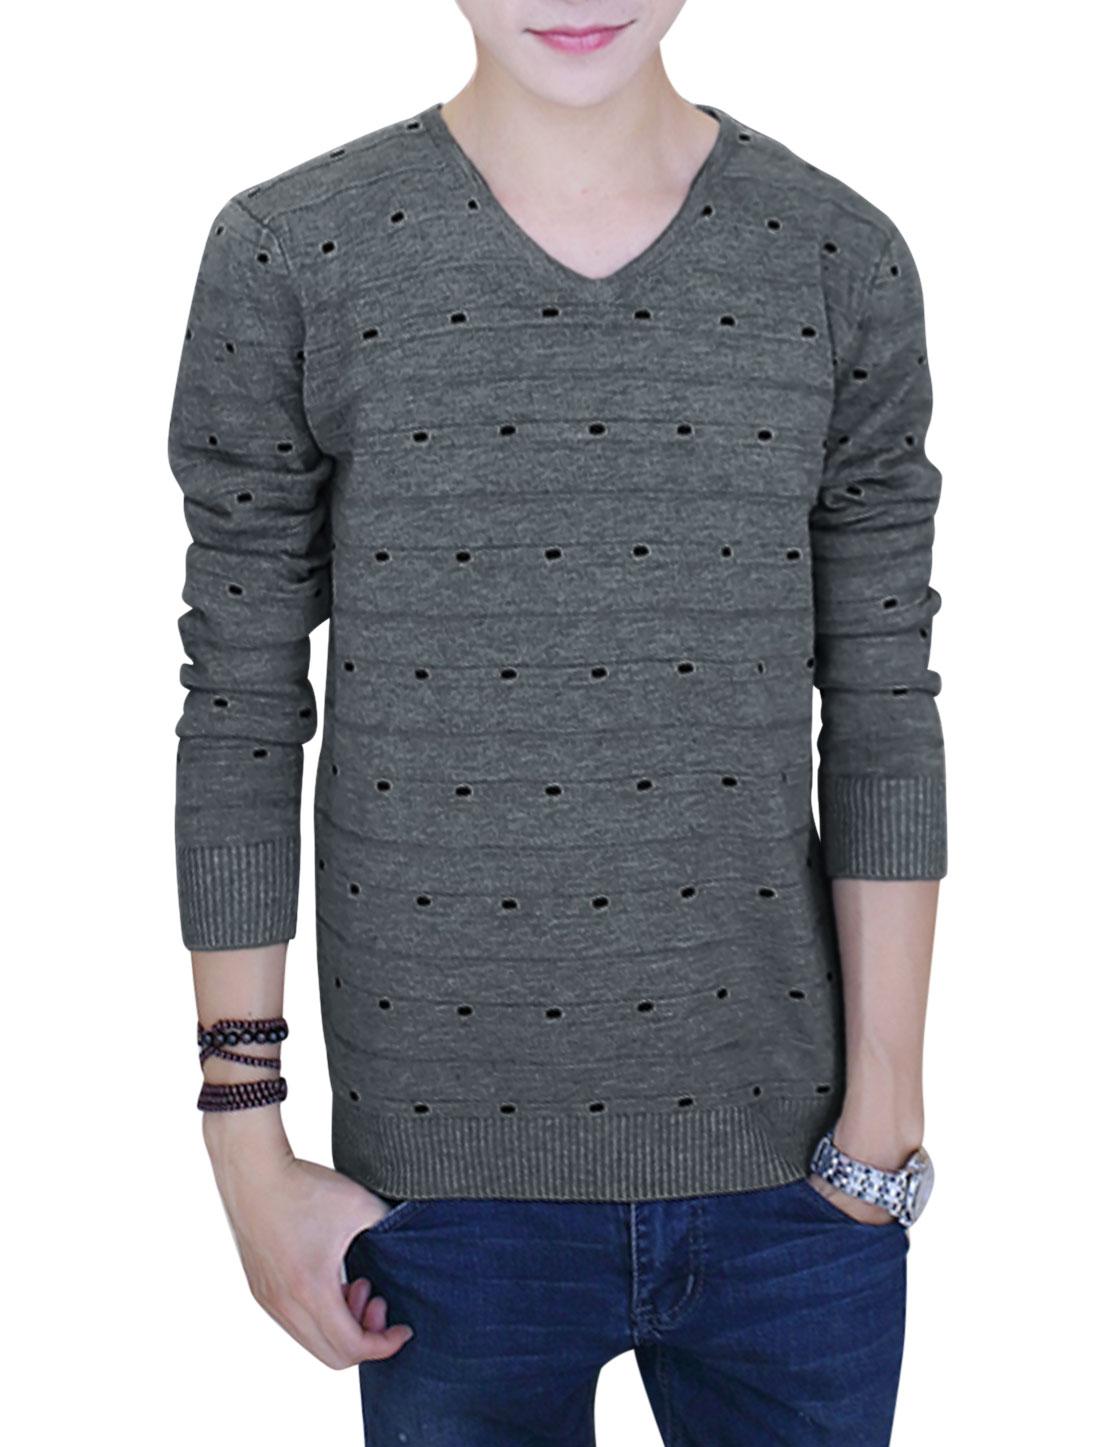 V Neckline Long Sleeves Leisure Knit Tops for Men Dark Gray S